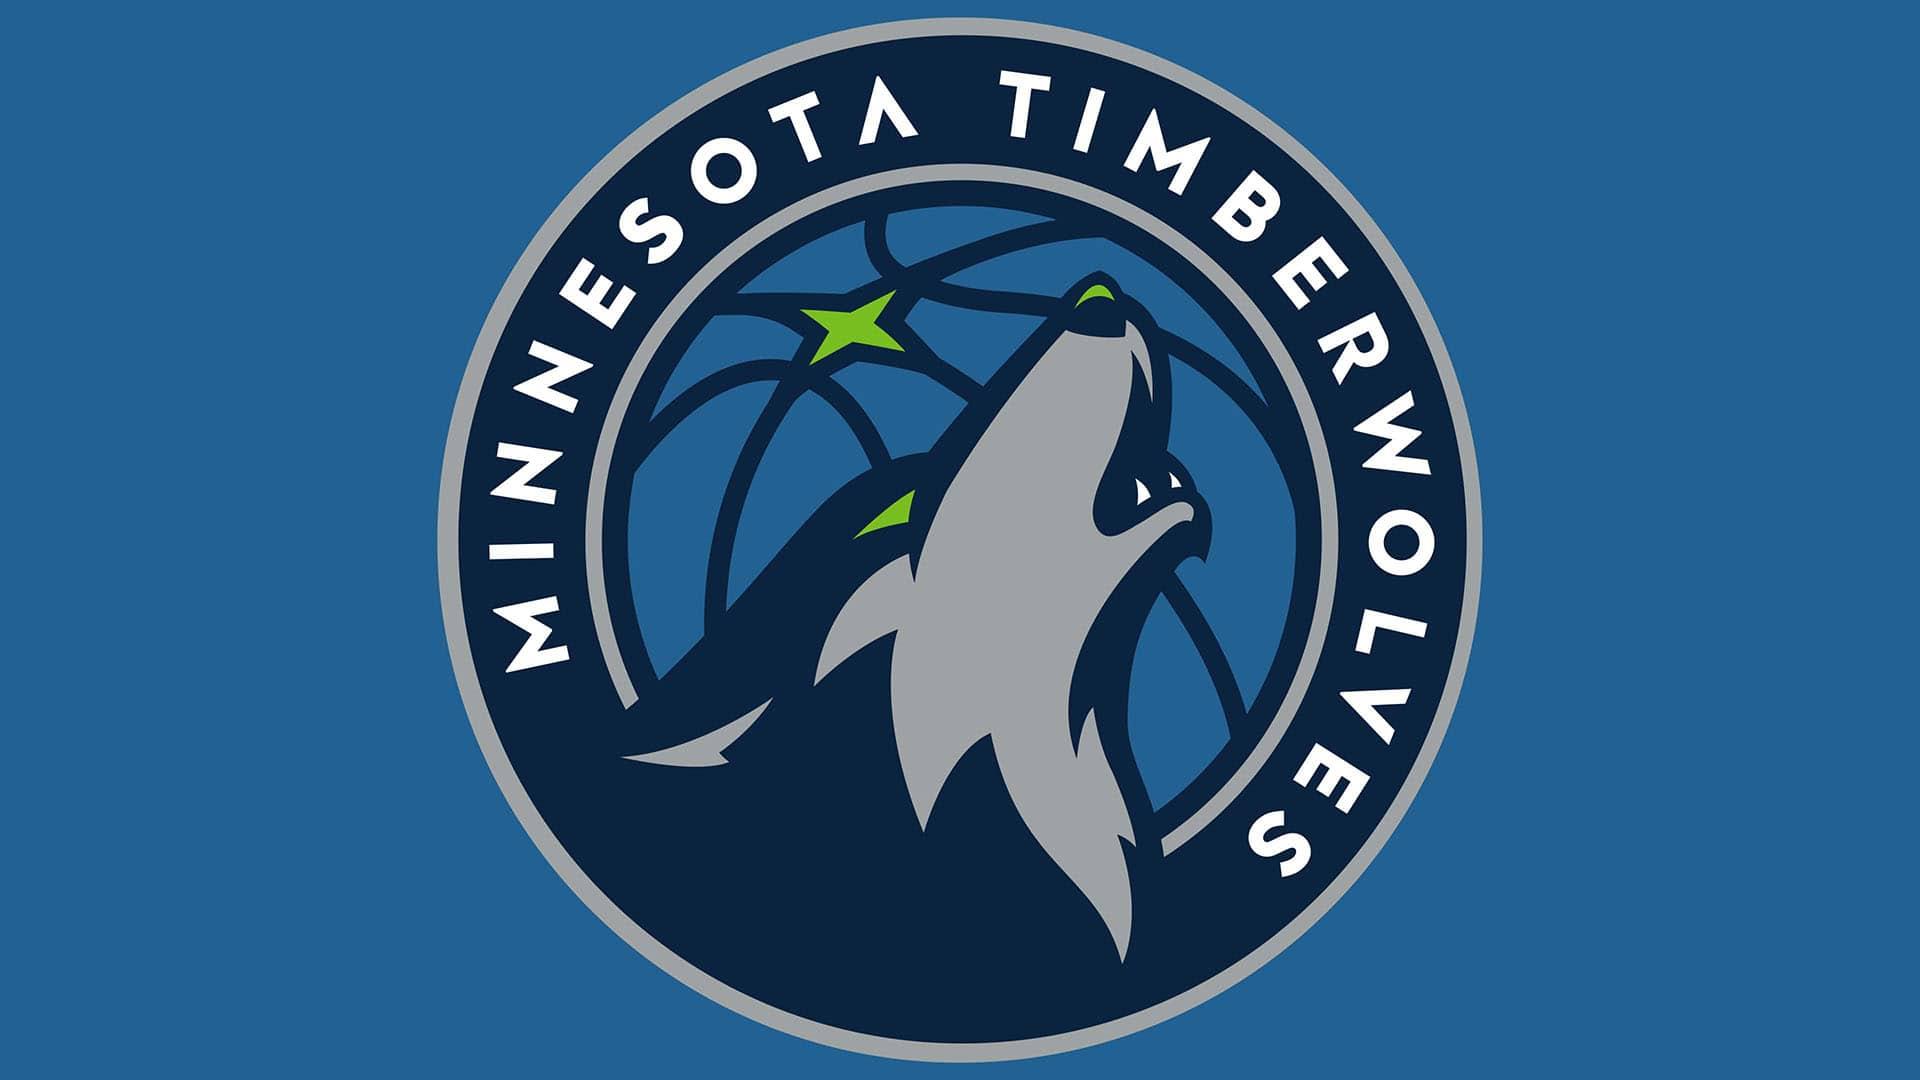 Modnyj rejting klubnyh emblem NBA 5. Minnesota Timberwolves